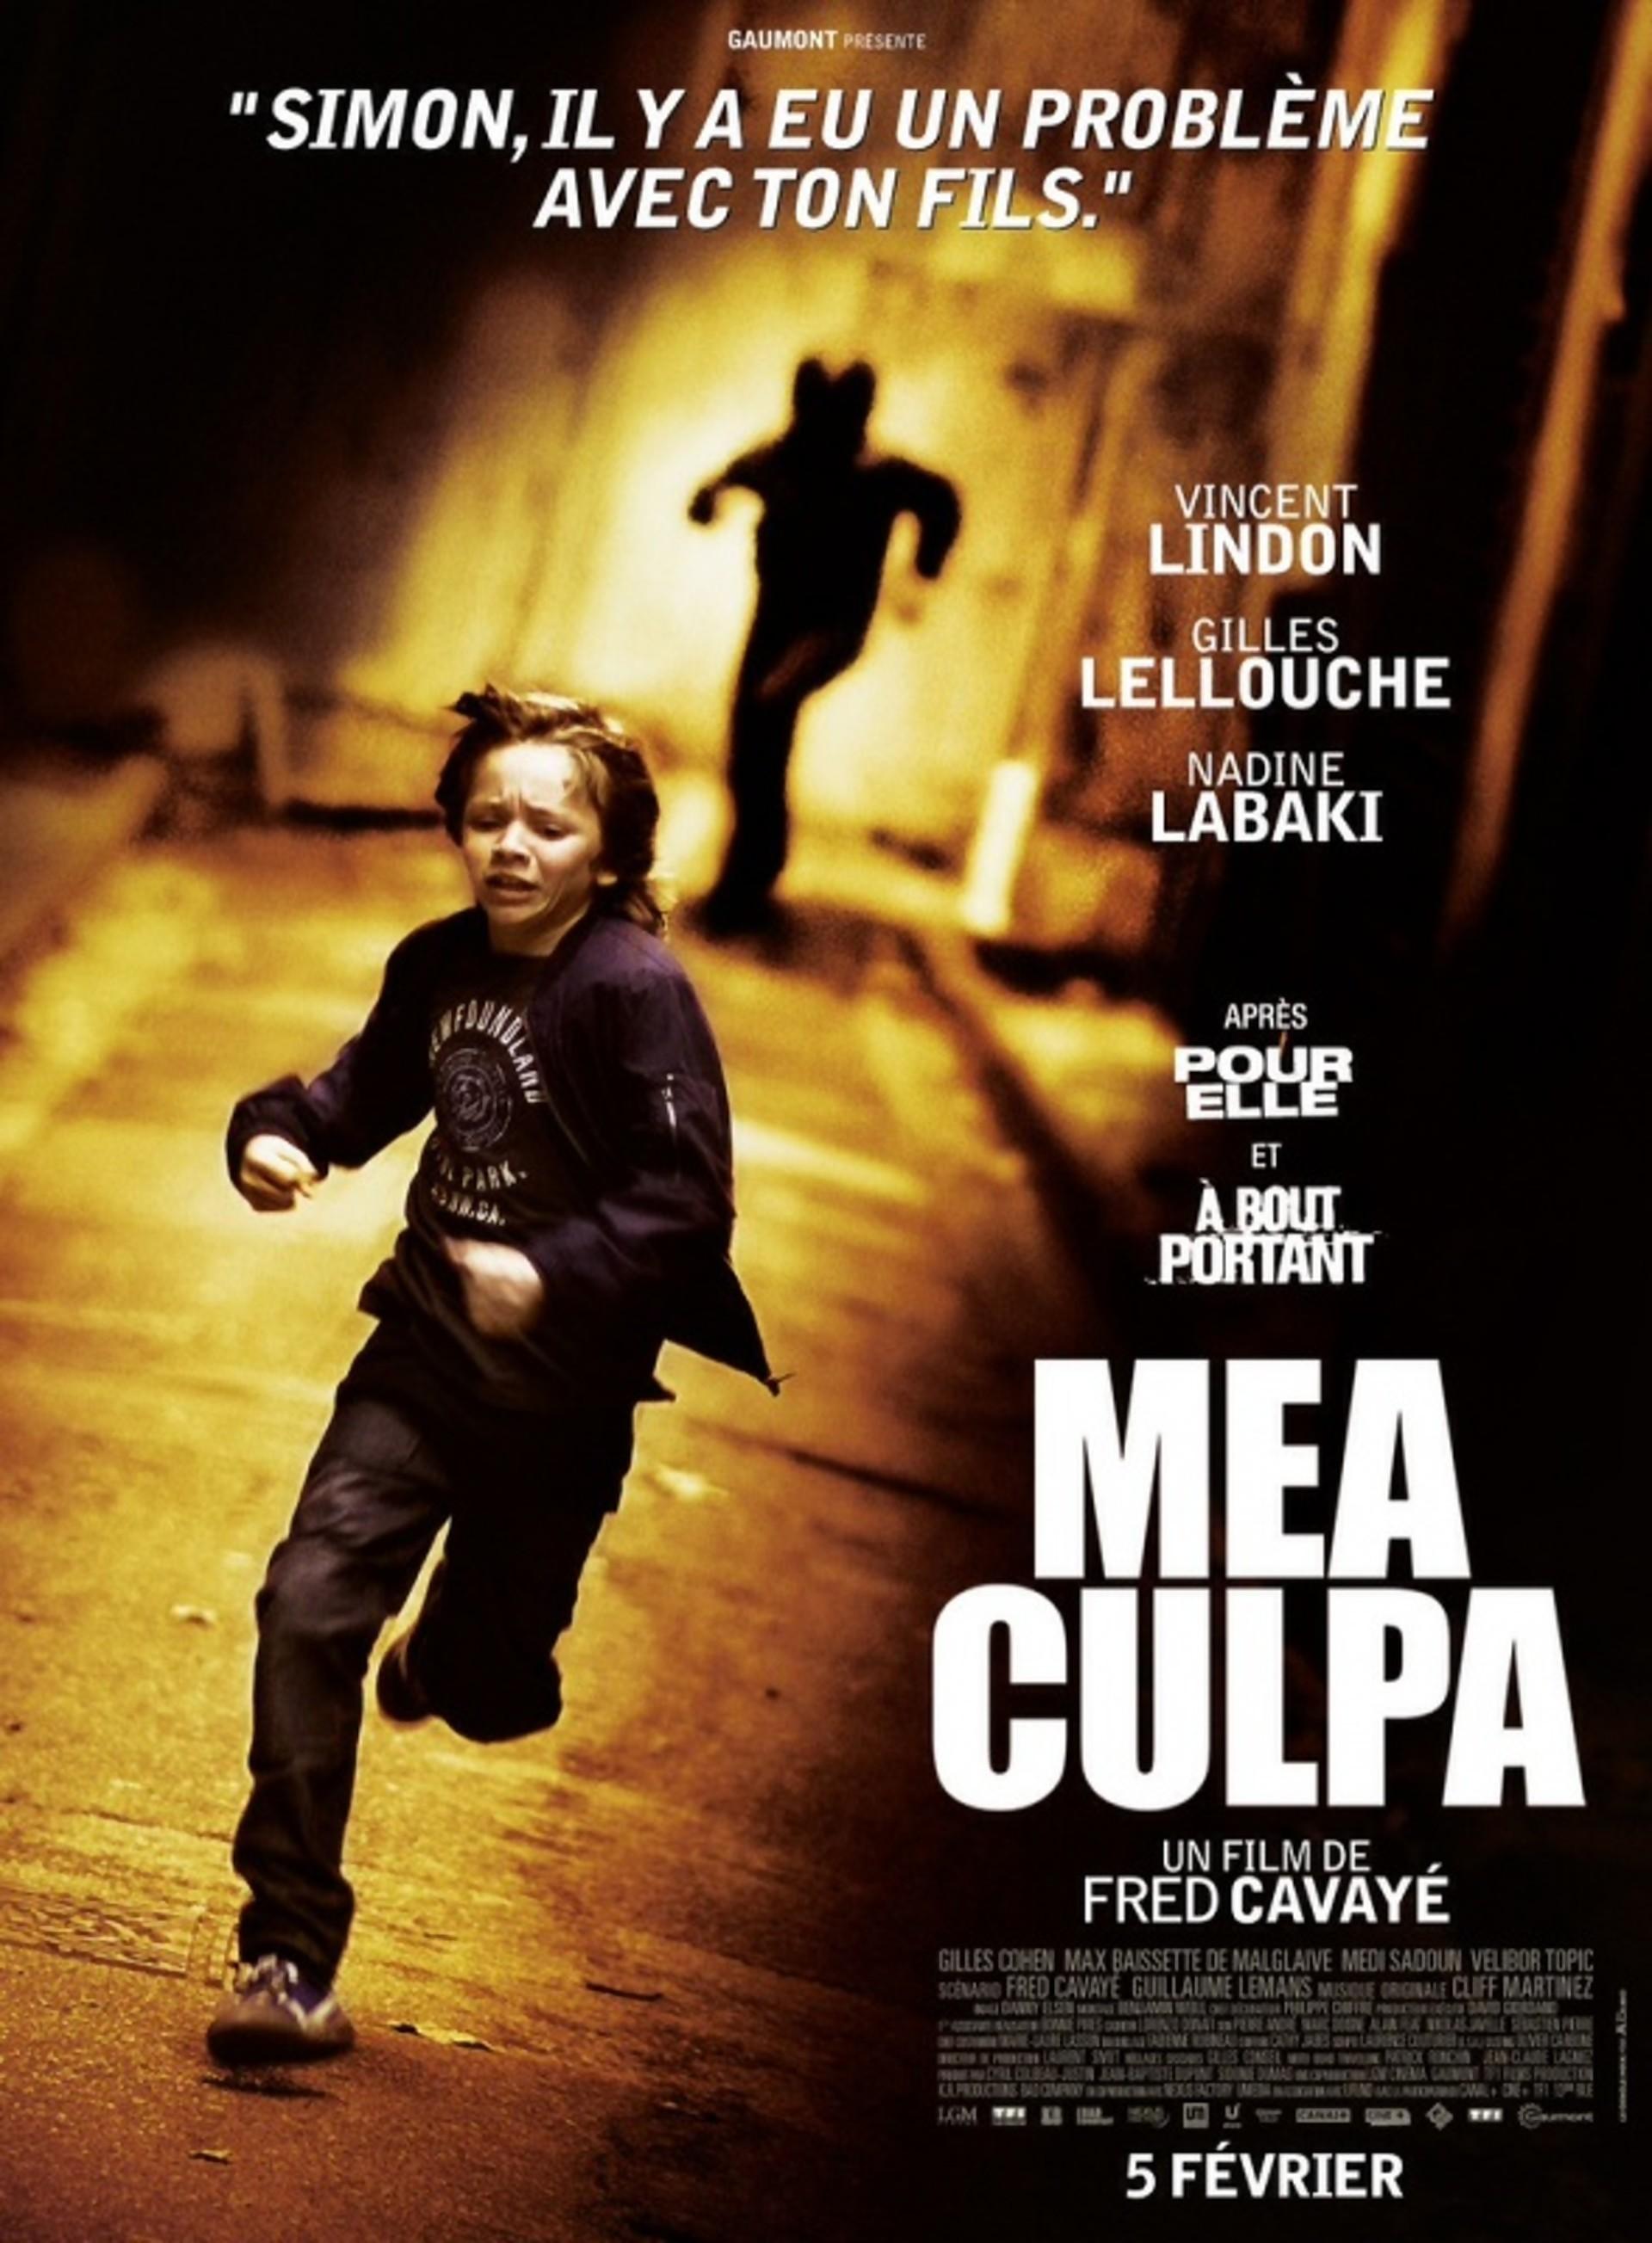 mea-culpa-affiche-52b188376e359.jpg